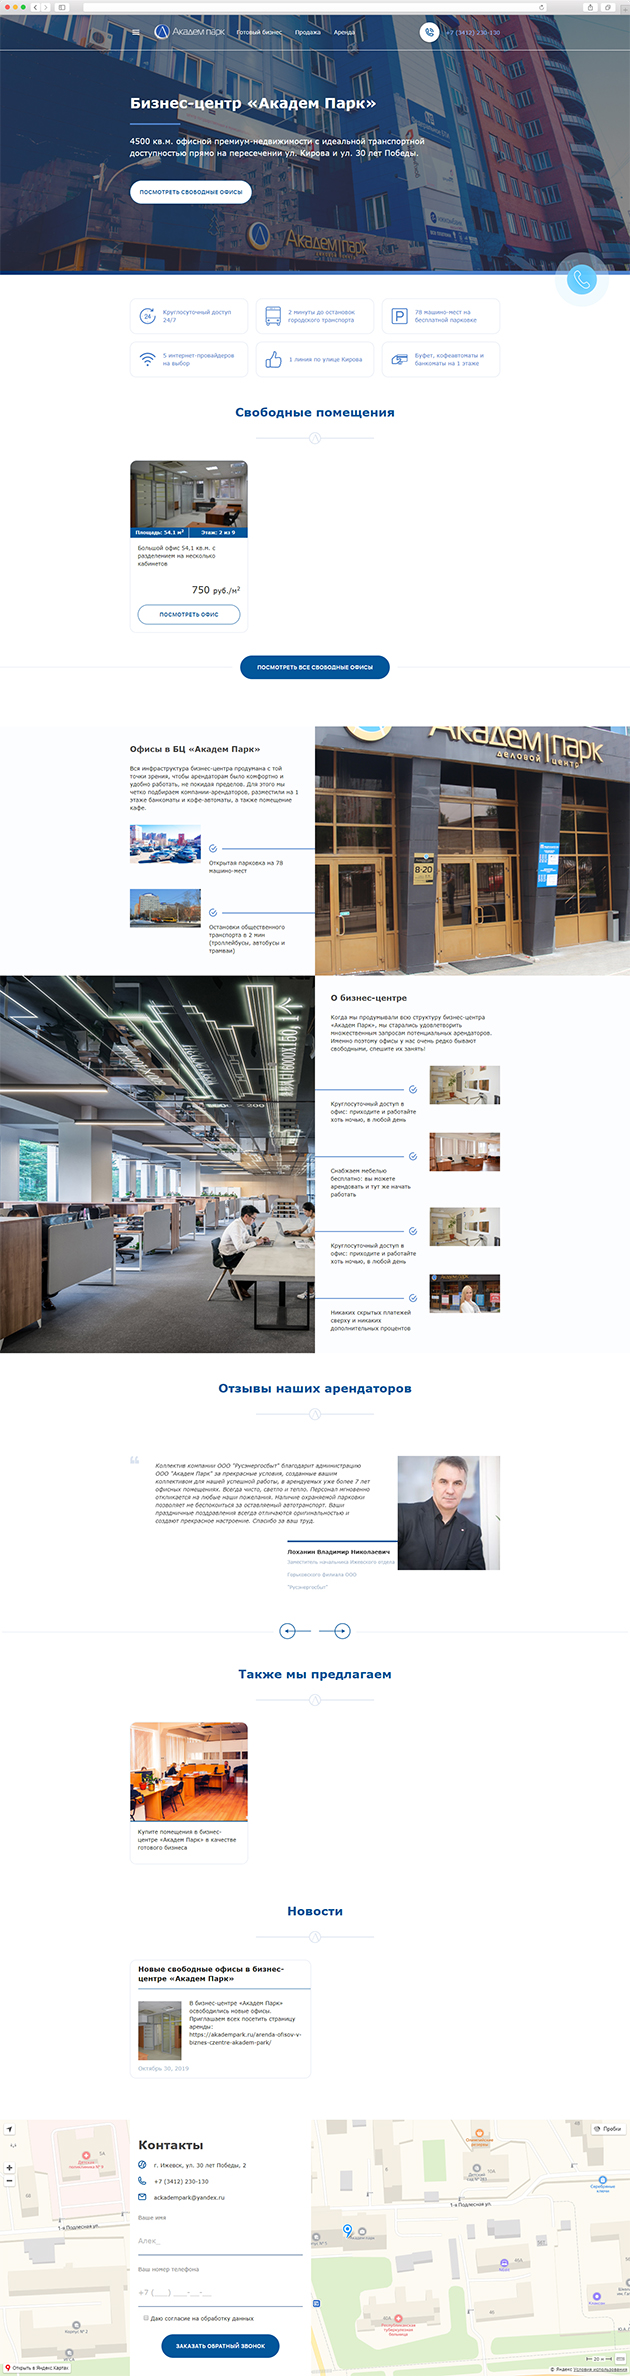 сайт бизнес центра академ парк